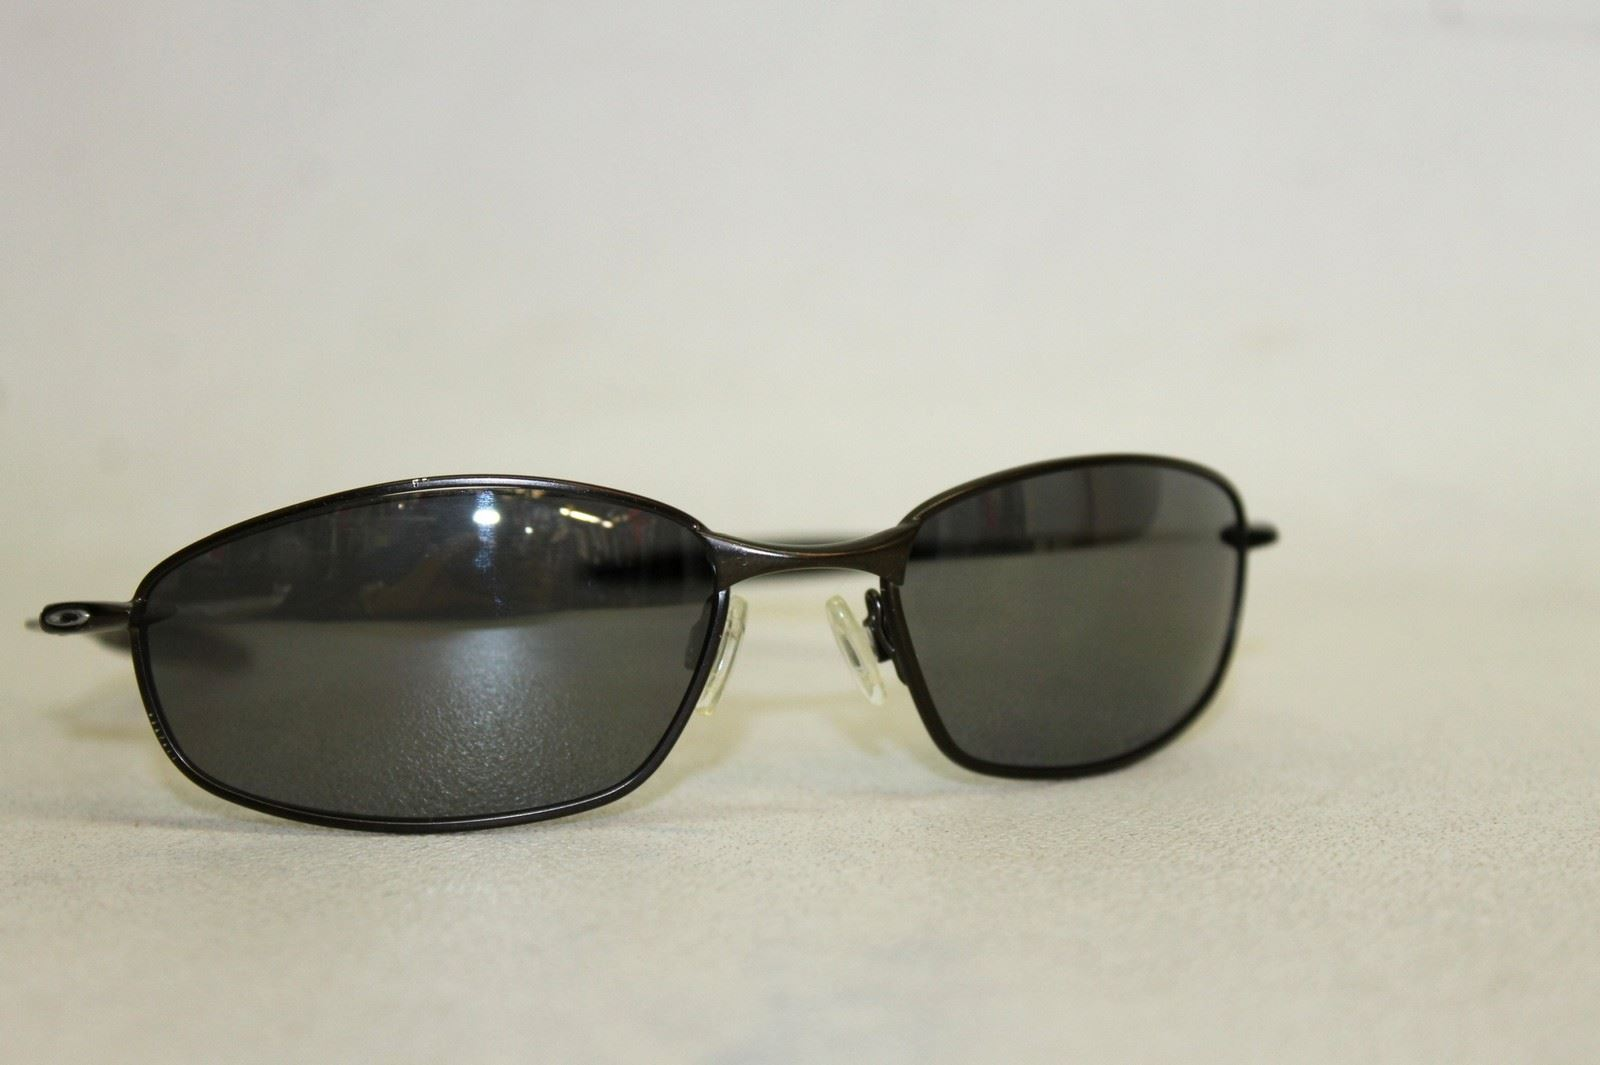 91325a9e976 Oakley Sunglasses Whisker Dark Grey « Heritage Malta